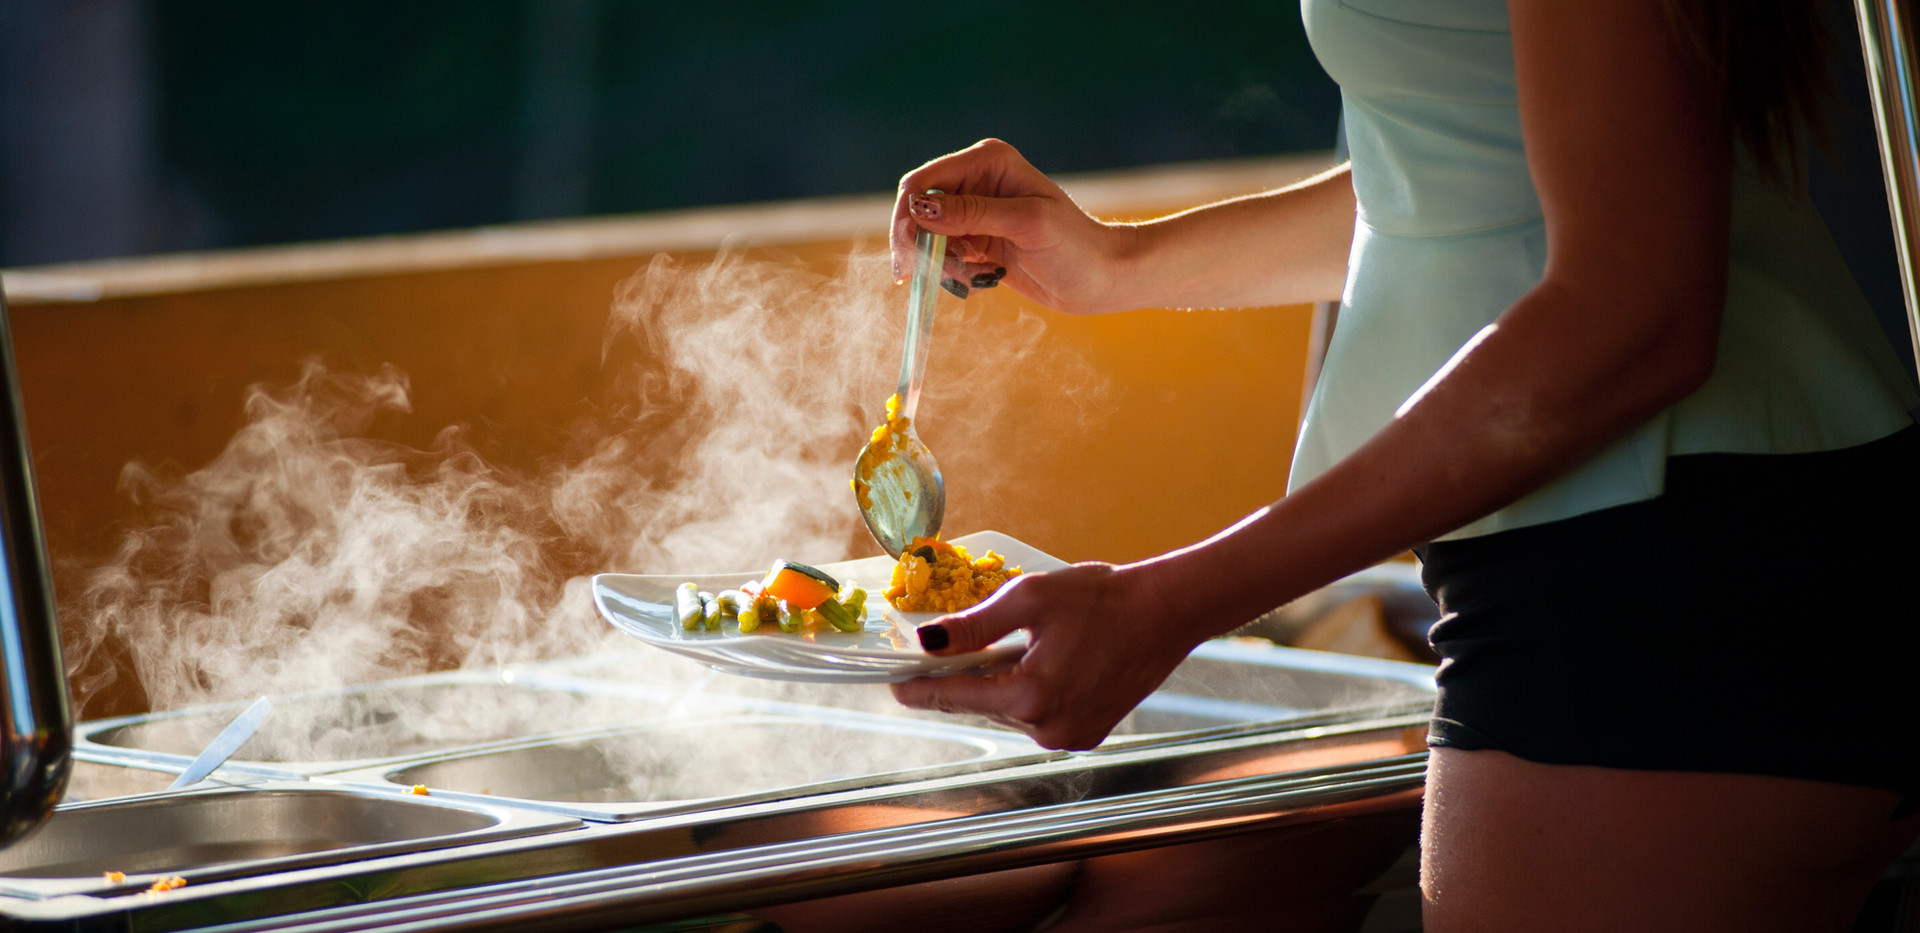 adult-bar-cook-321588.jpg